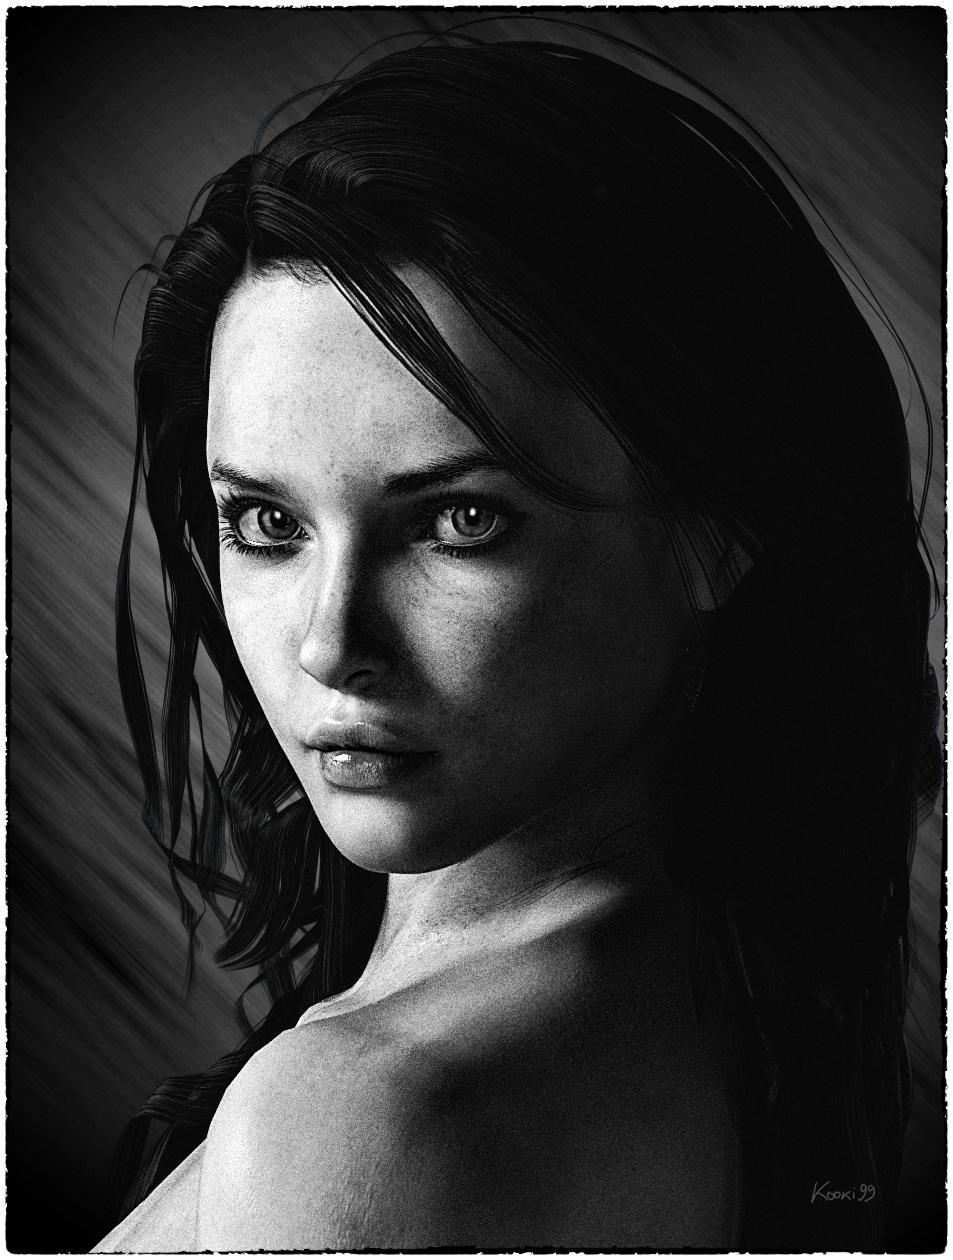 high contrast portrait by kooki99 on deviantart